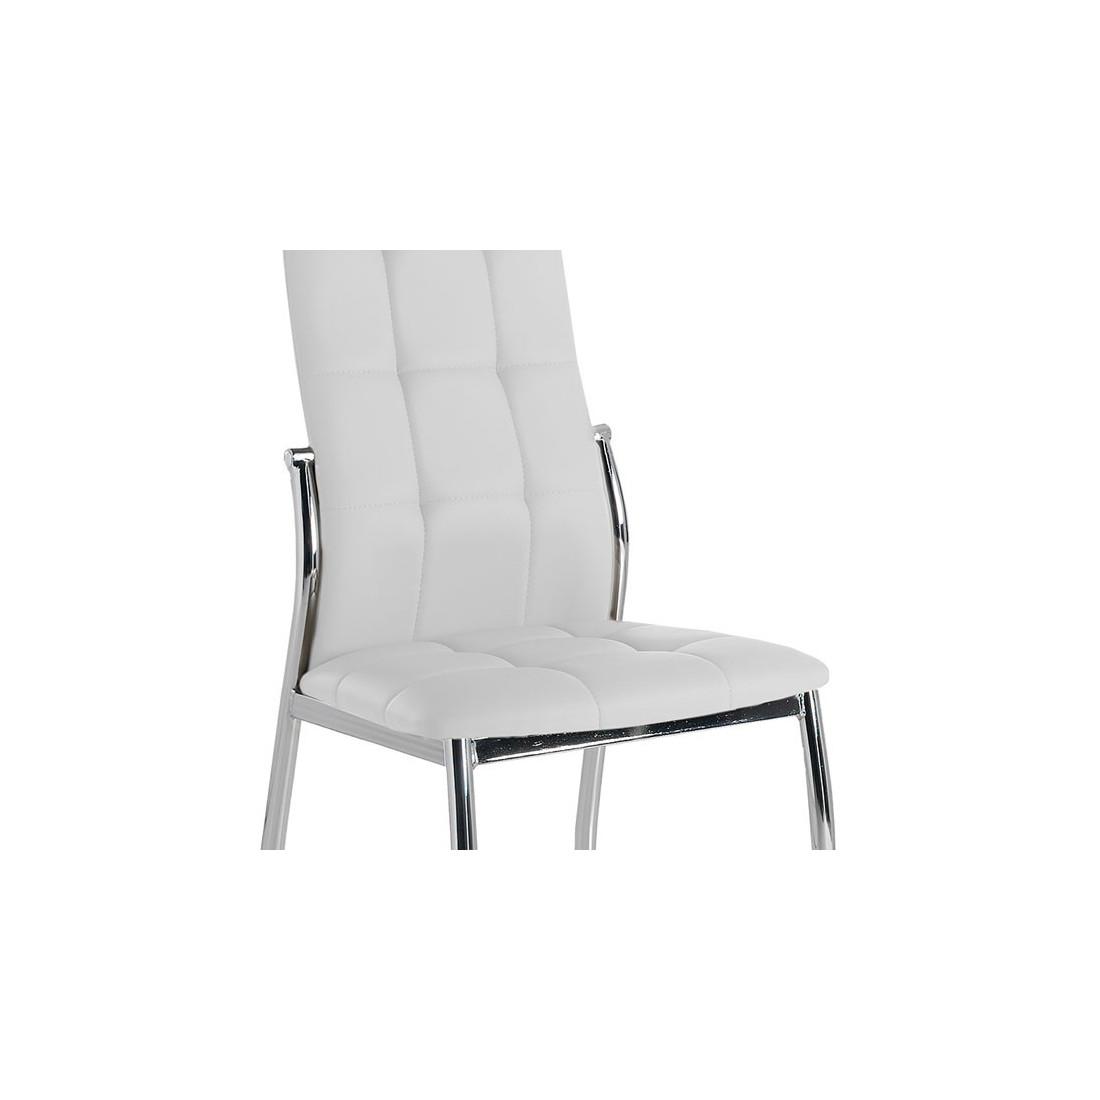 quatuor de chaises similicuir blanc pieds chroms univers salle manger et assises tousmesmeubles - Chaise Cuir Blanc